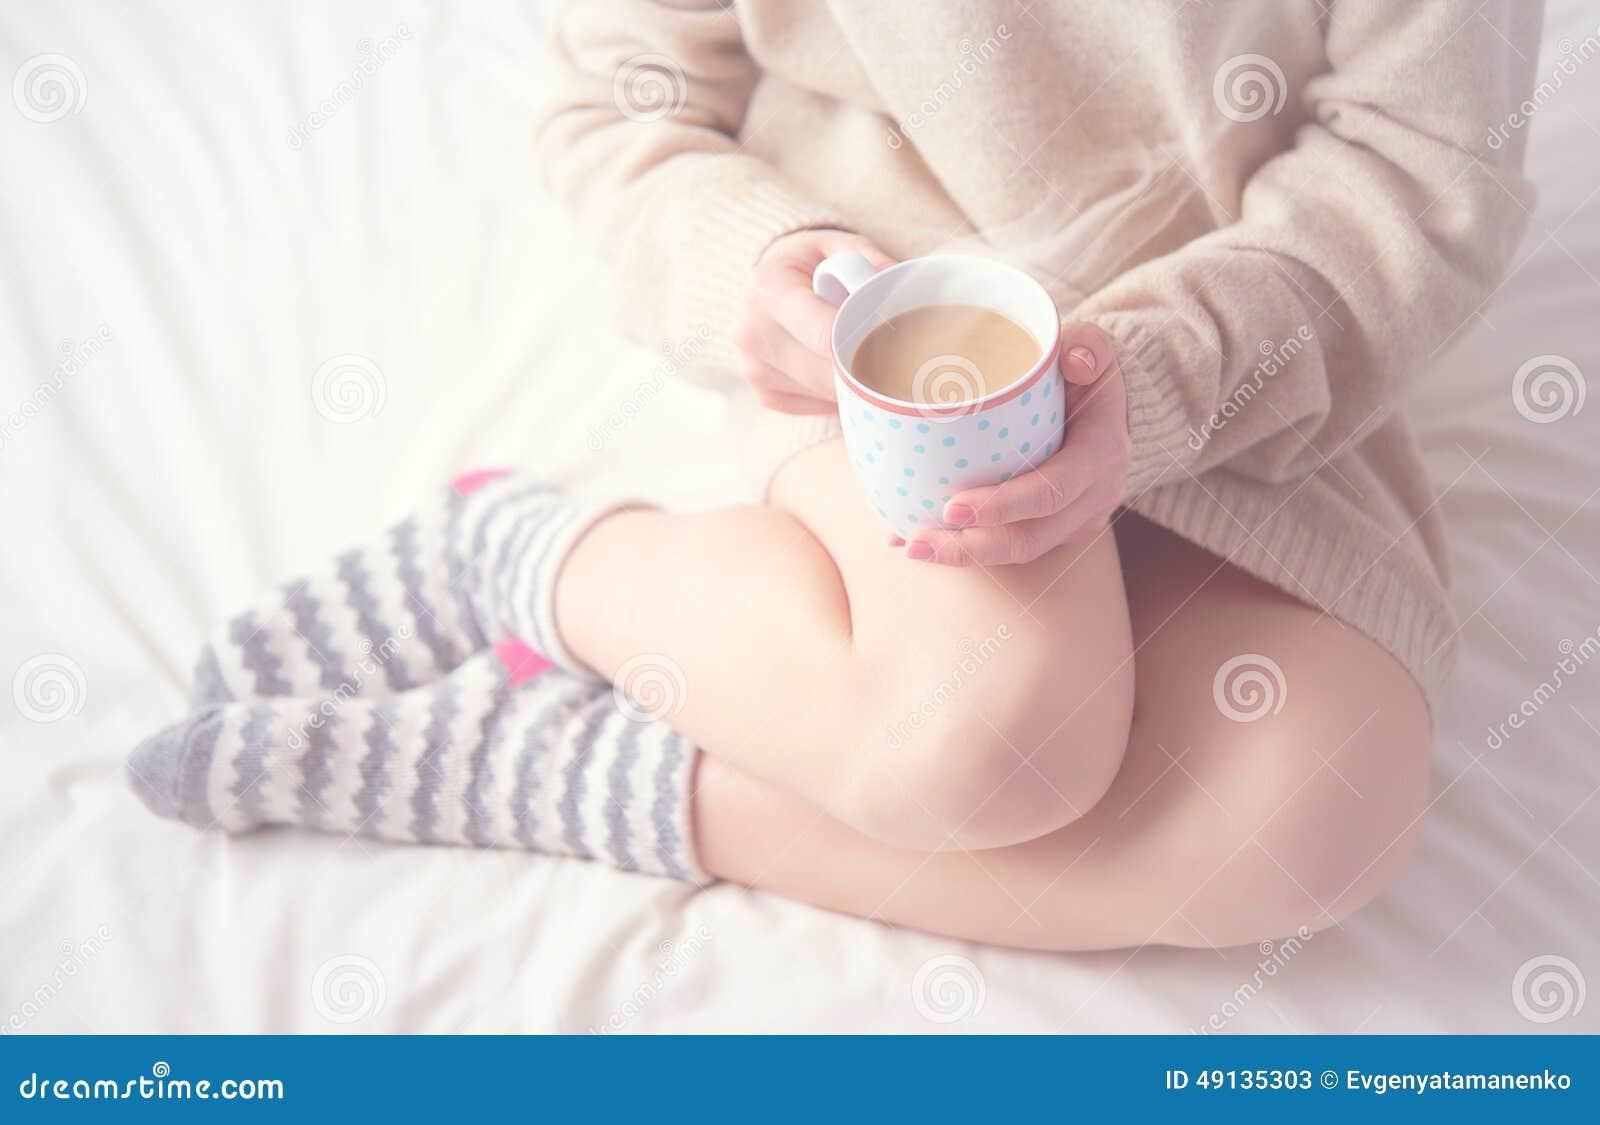 Benen van meisjes warme wollen sokken en kop van koffie het verwarmen, de winterochtend in bed